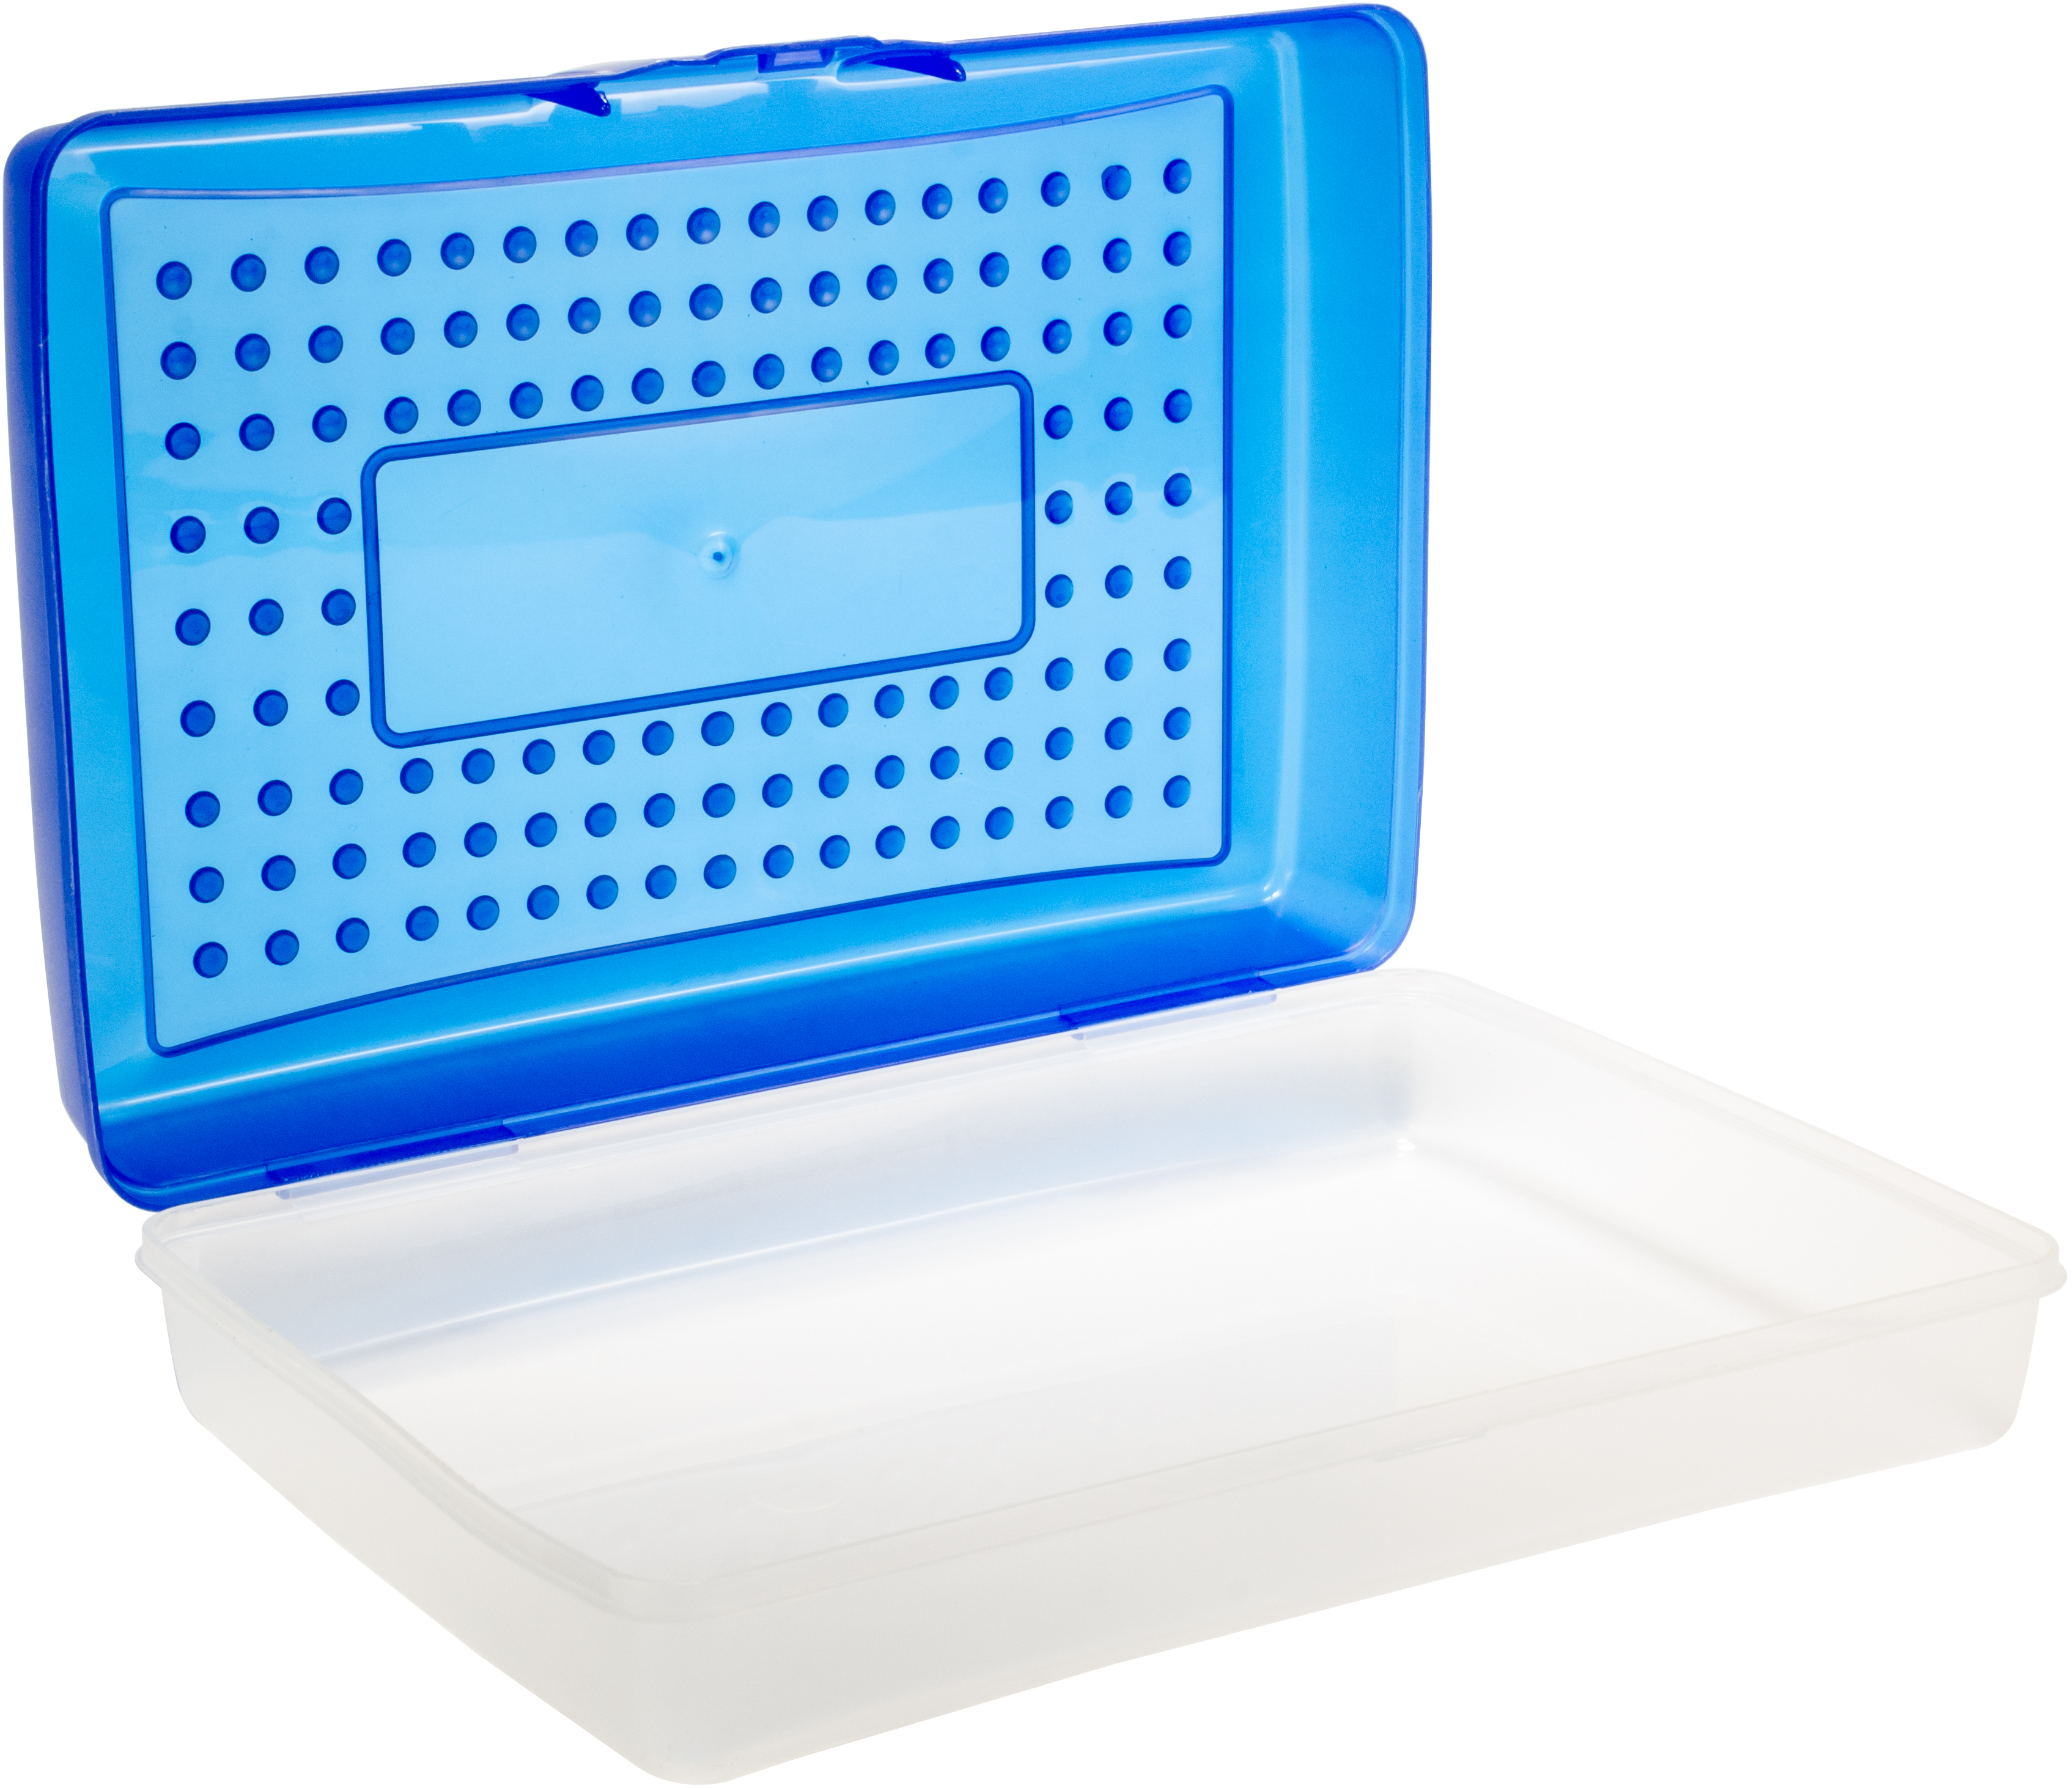 BLUE      -LARGE PENCIL CASE